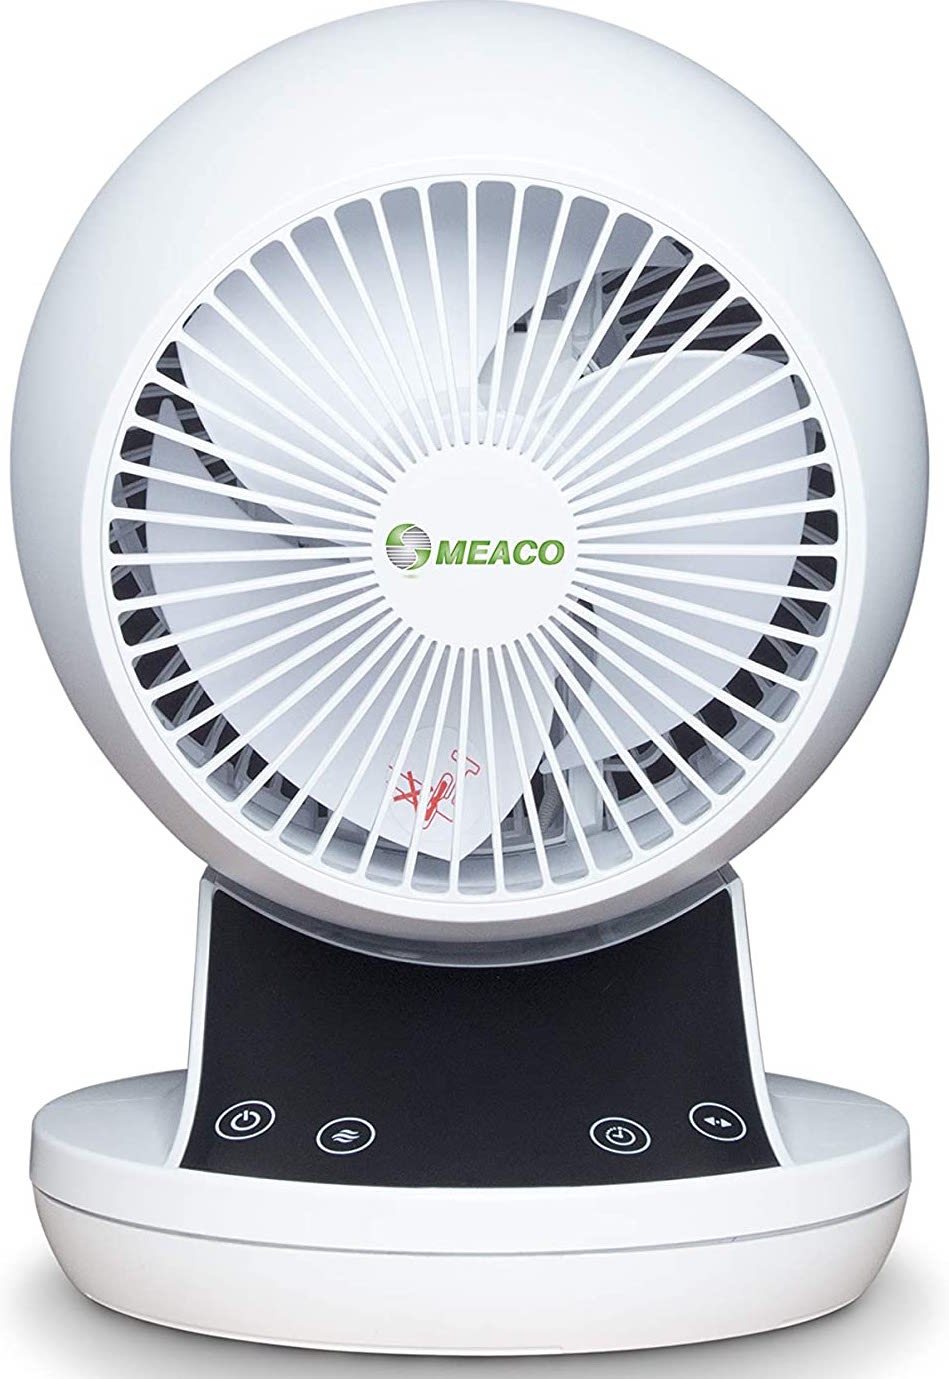 Meaco-fan